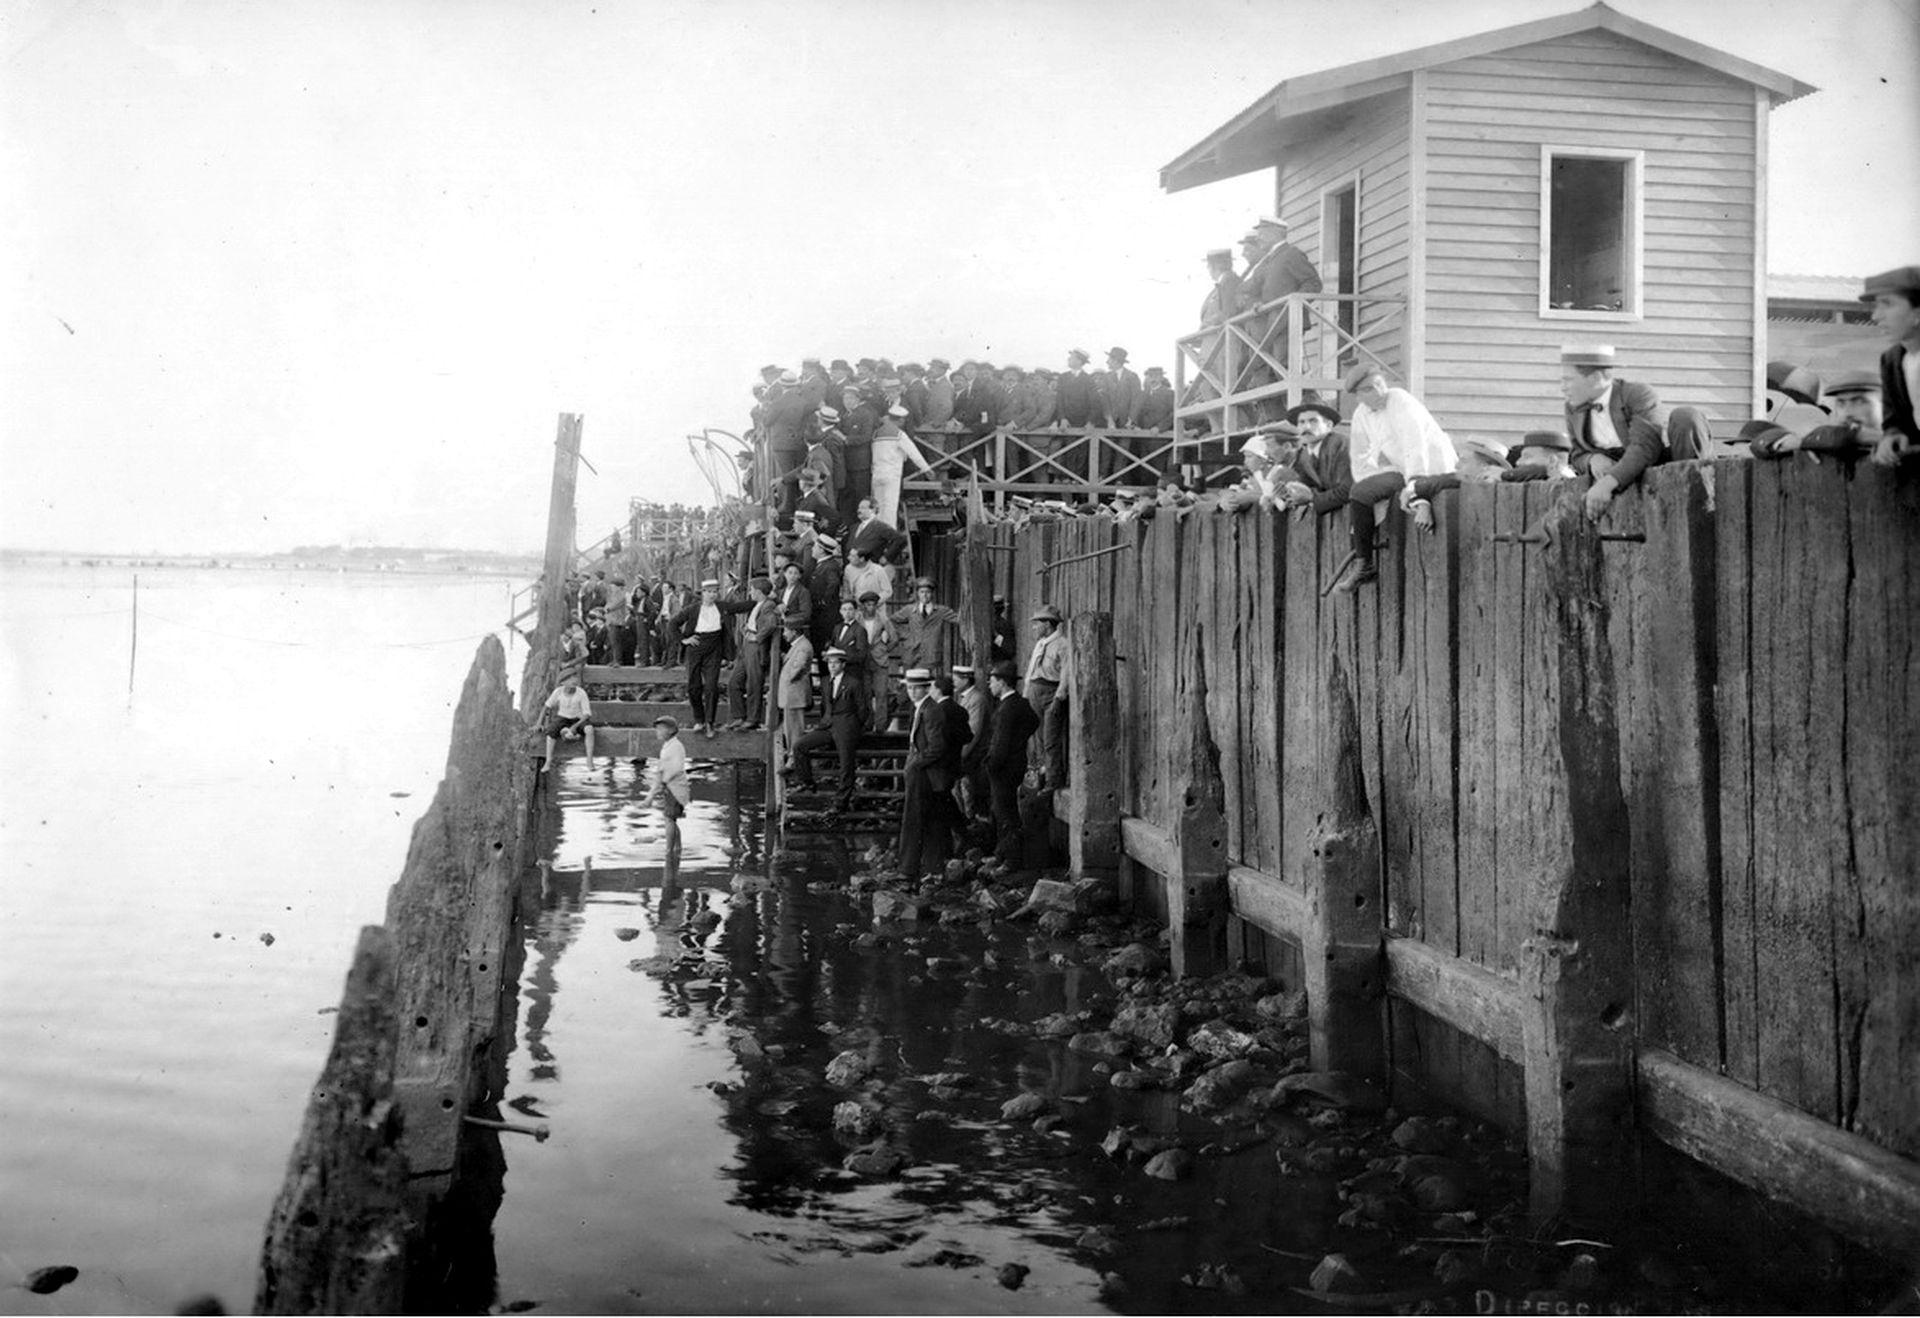 Las defensas exteriores del puerto, construidas en madera, fueron inútiles desde su construcción. En la foto una imagen del estado en el que se encontraban. Fueron reemplazadas, en 1918, por el Balneario Municipal de Costanera Sur.